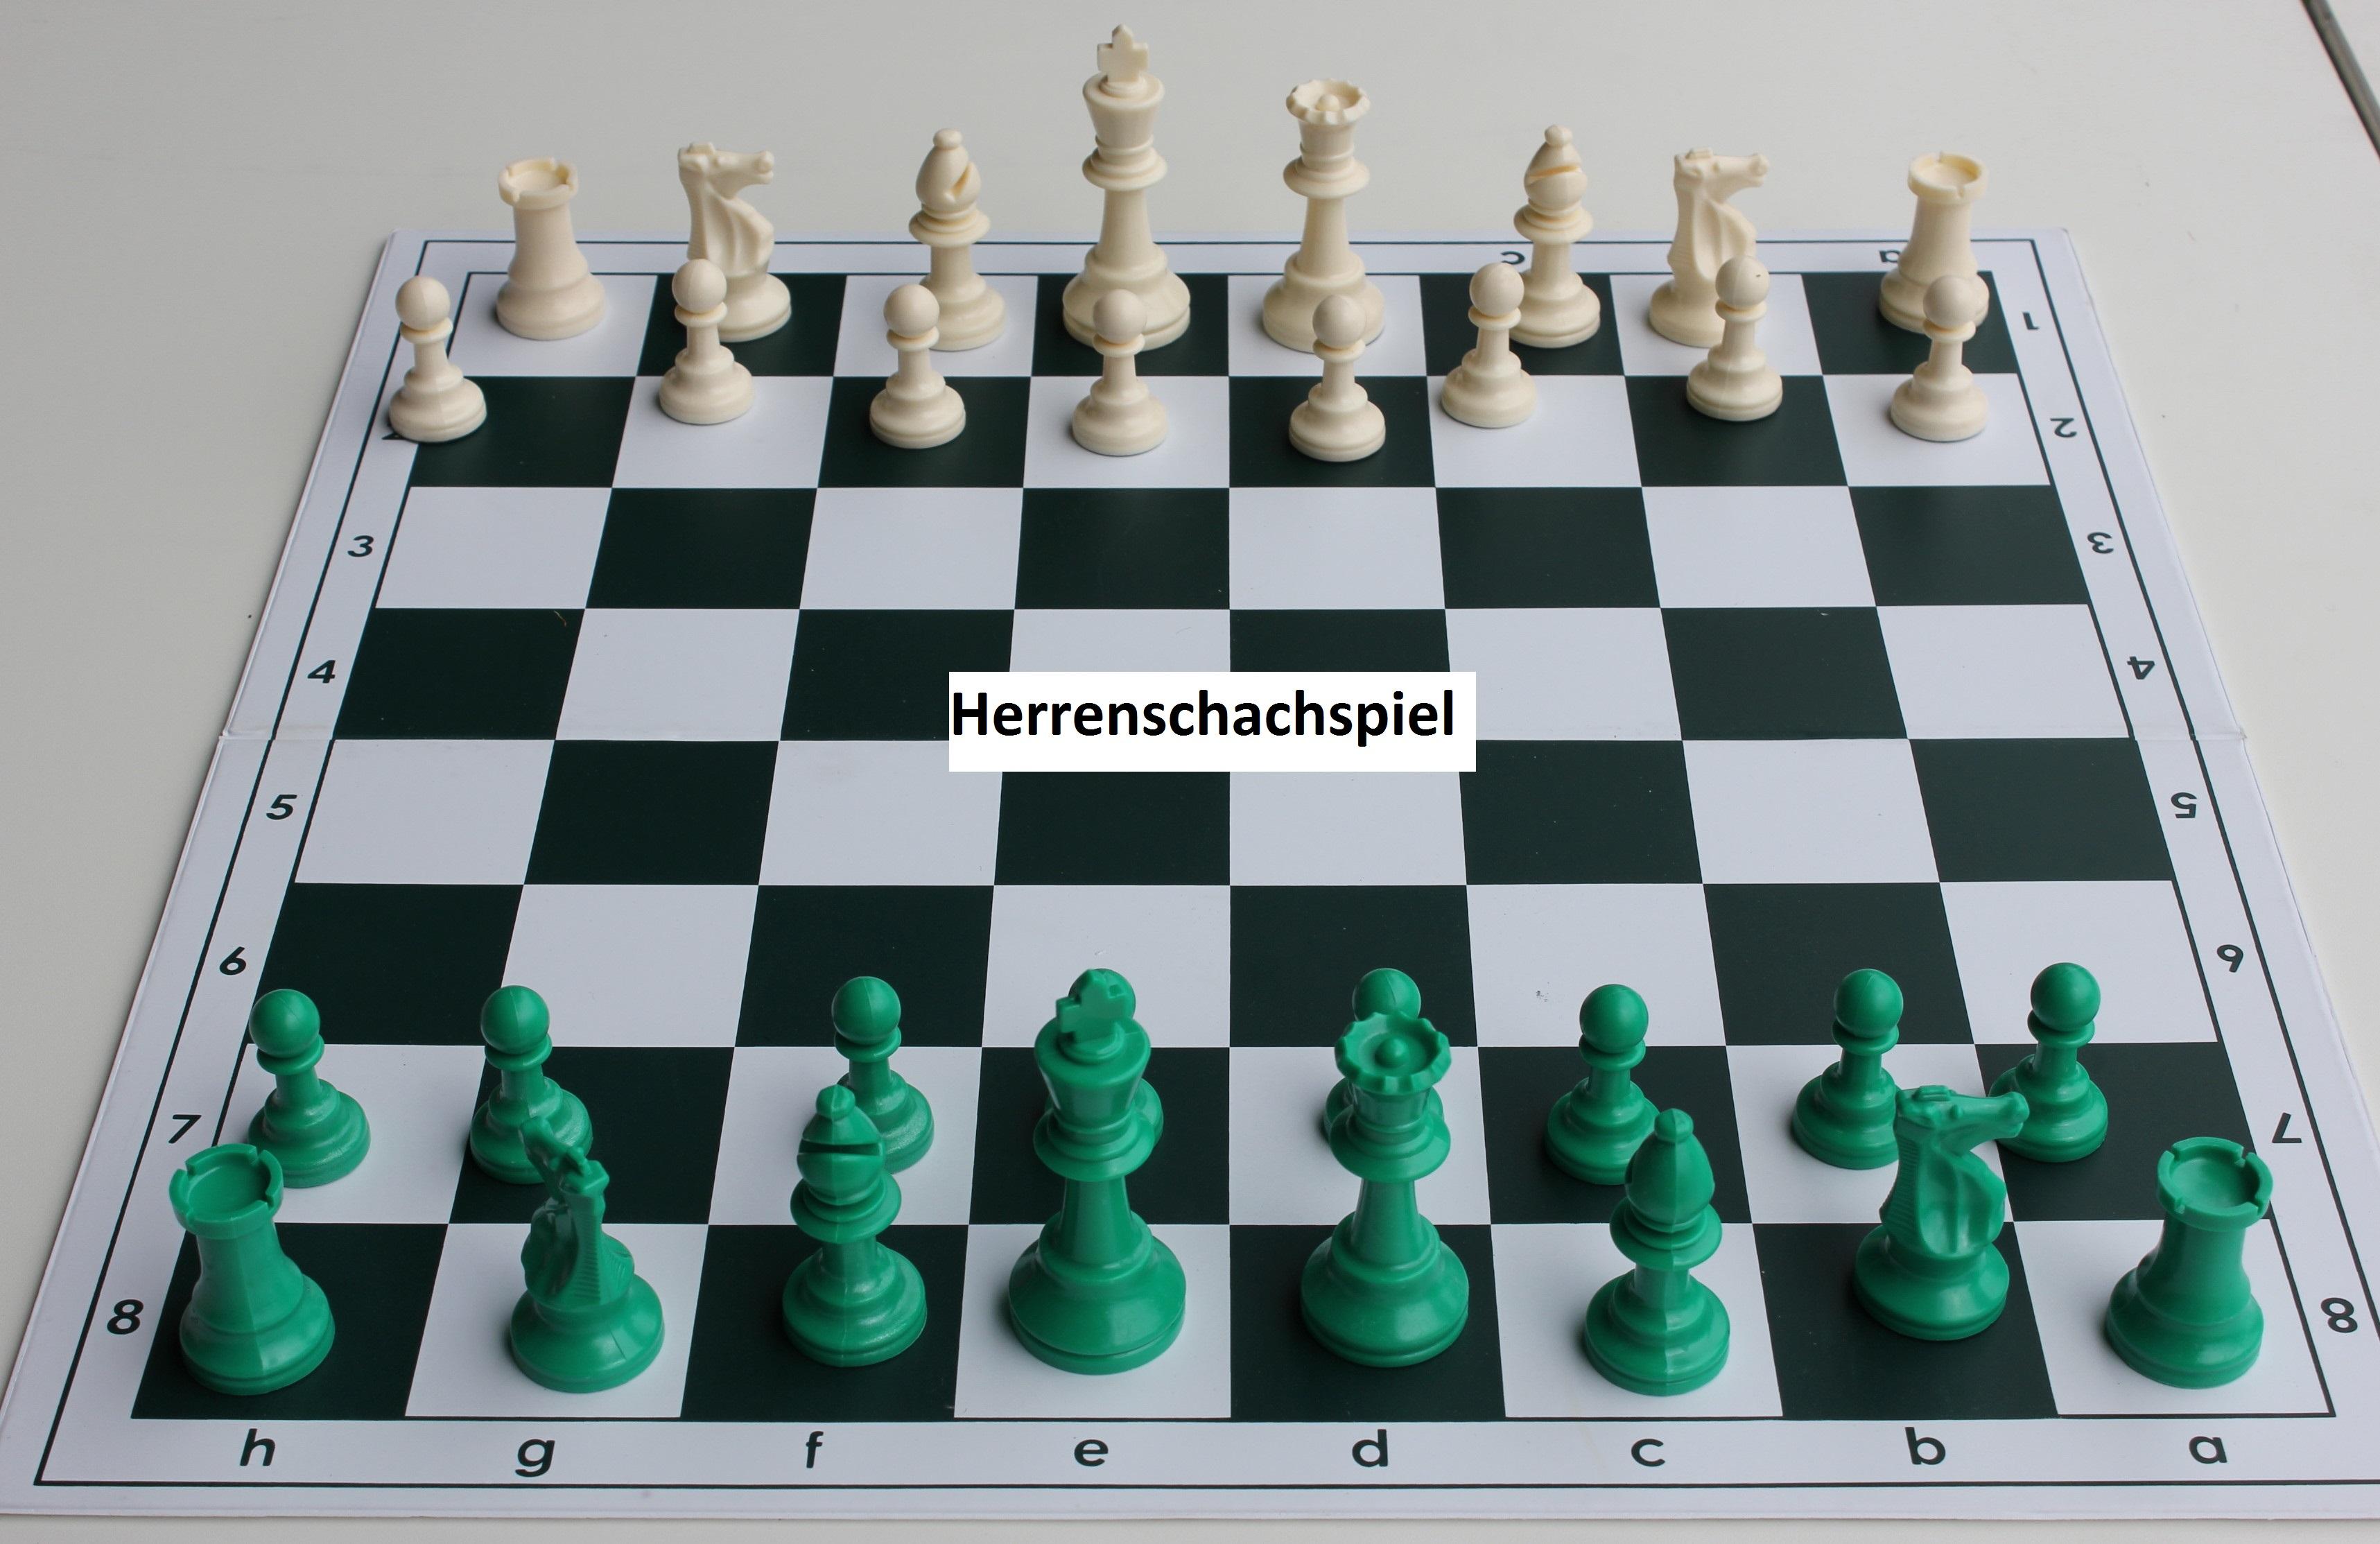 herrrenschach